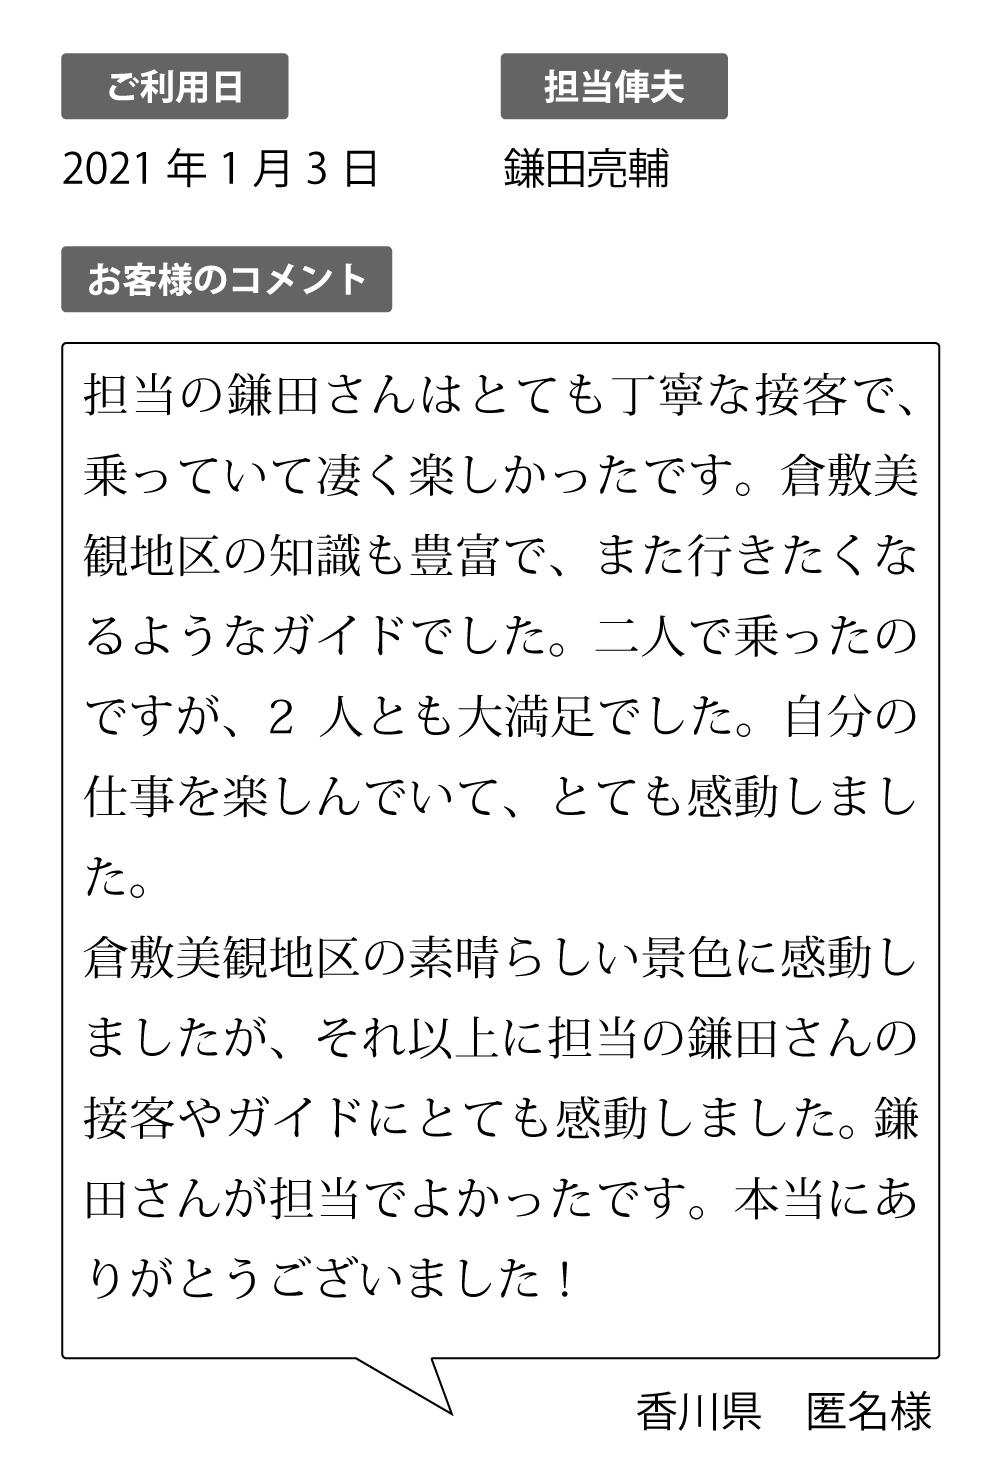 香川県 匿名様